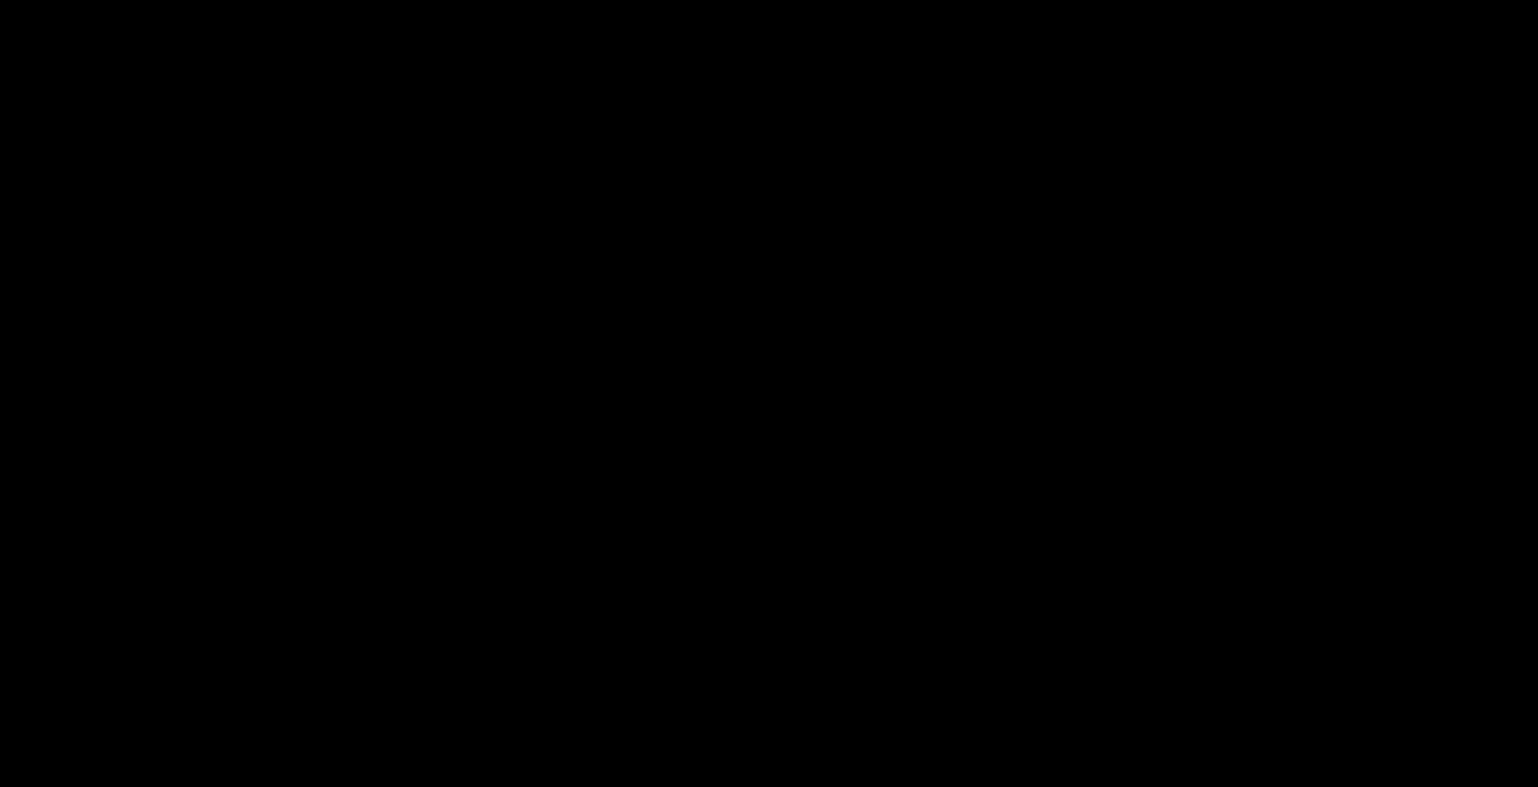 jax april 2016